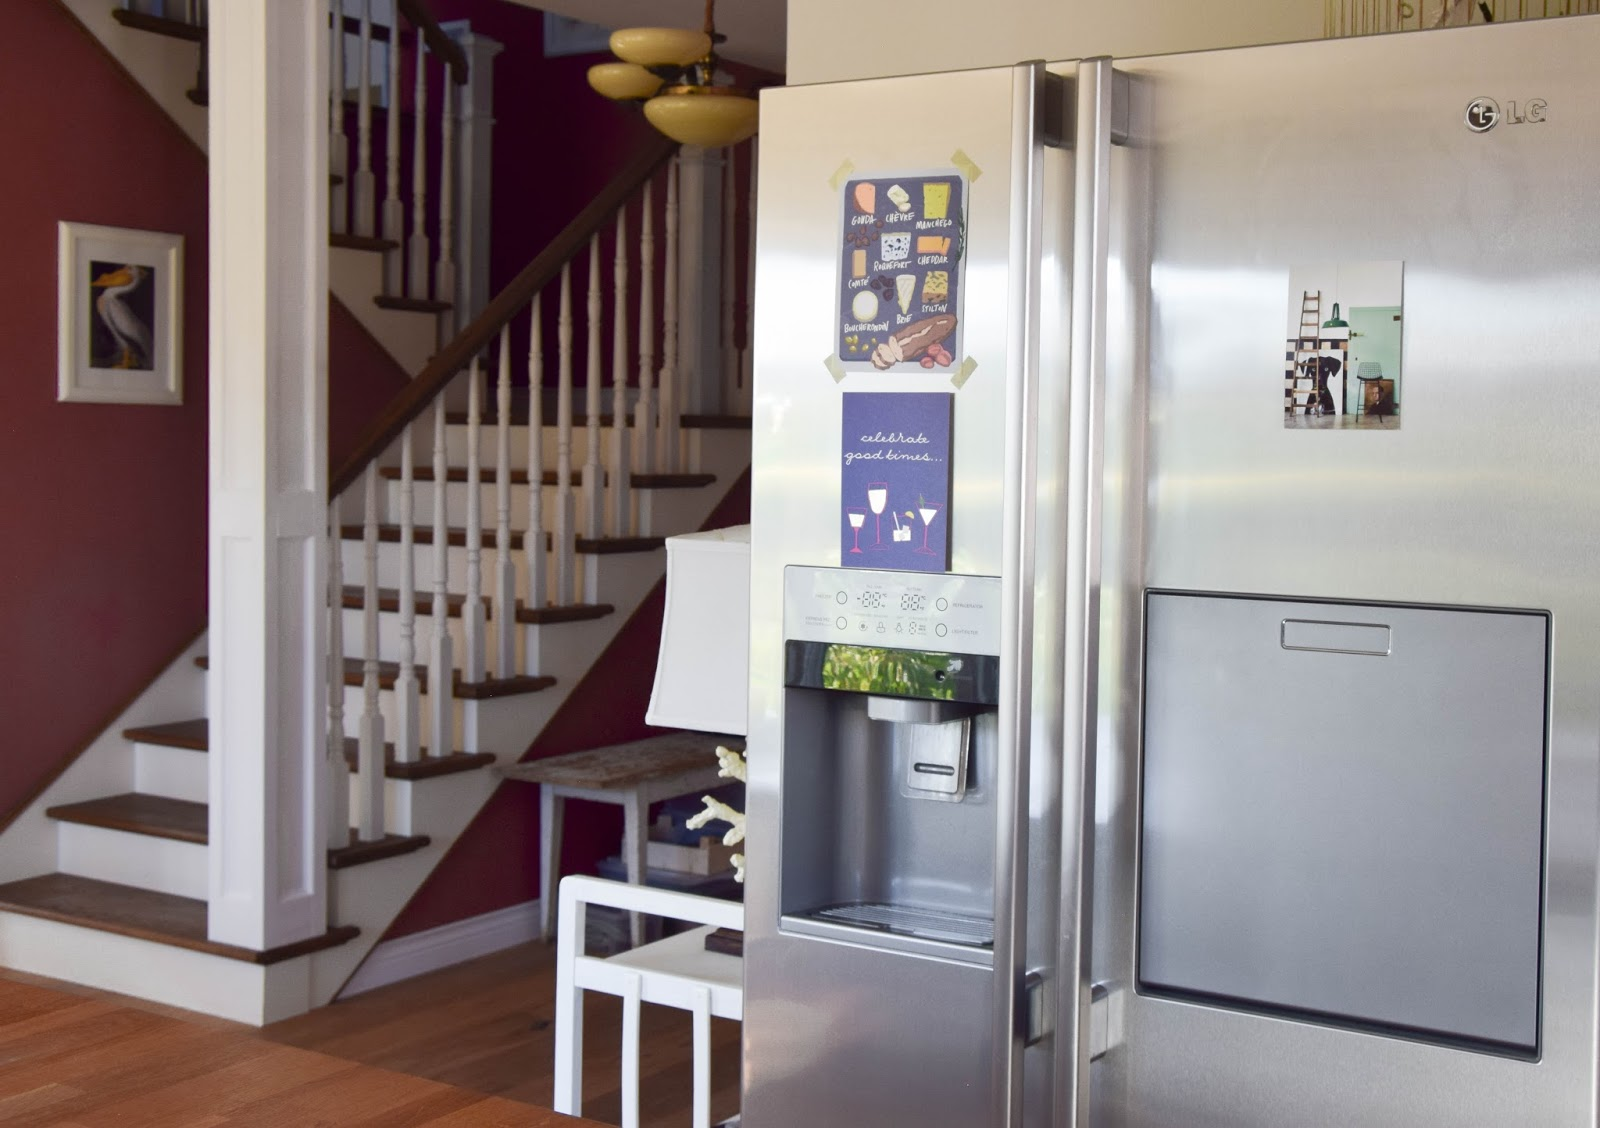 Kleiner Cooler Kühlschrank : Kleiner deko kuehlschrank freistehender kühlschrank ohne gefrierfach